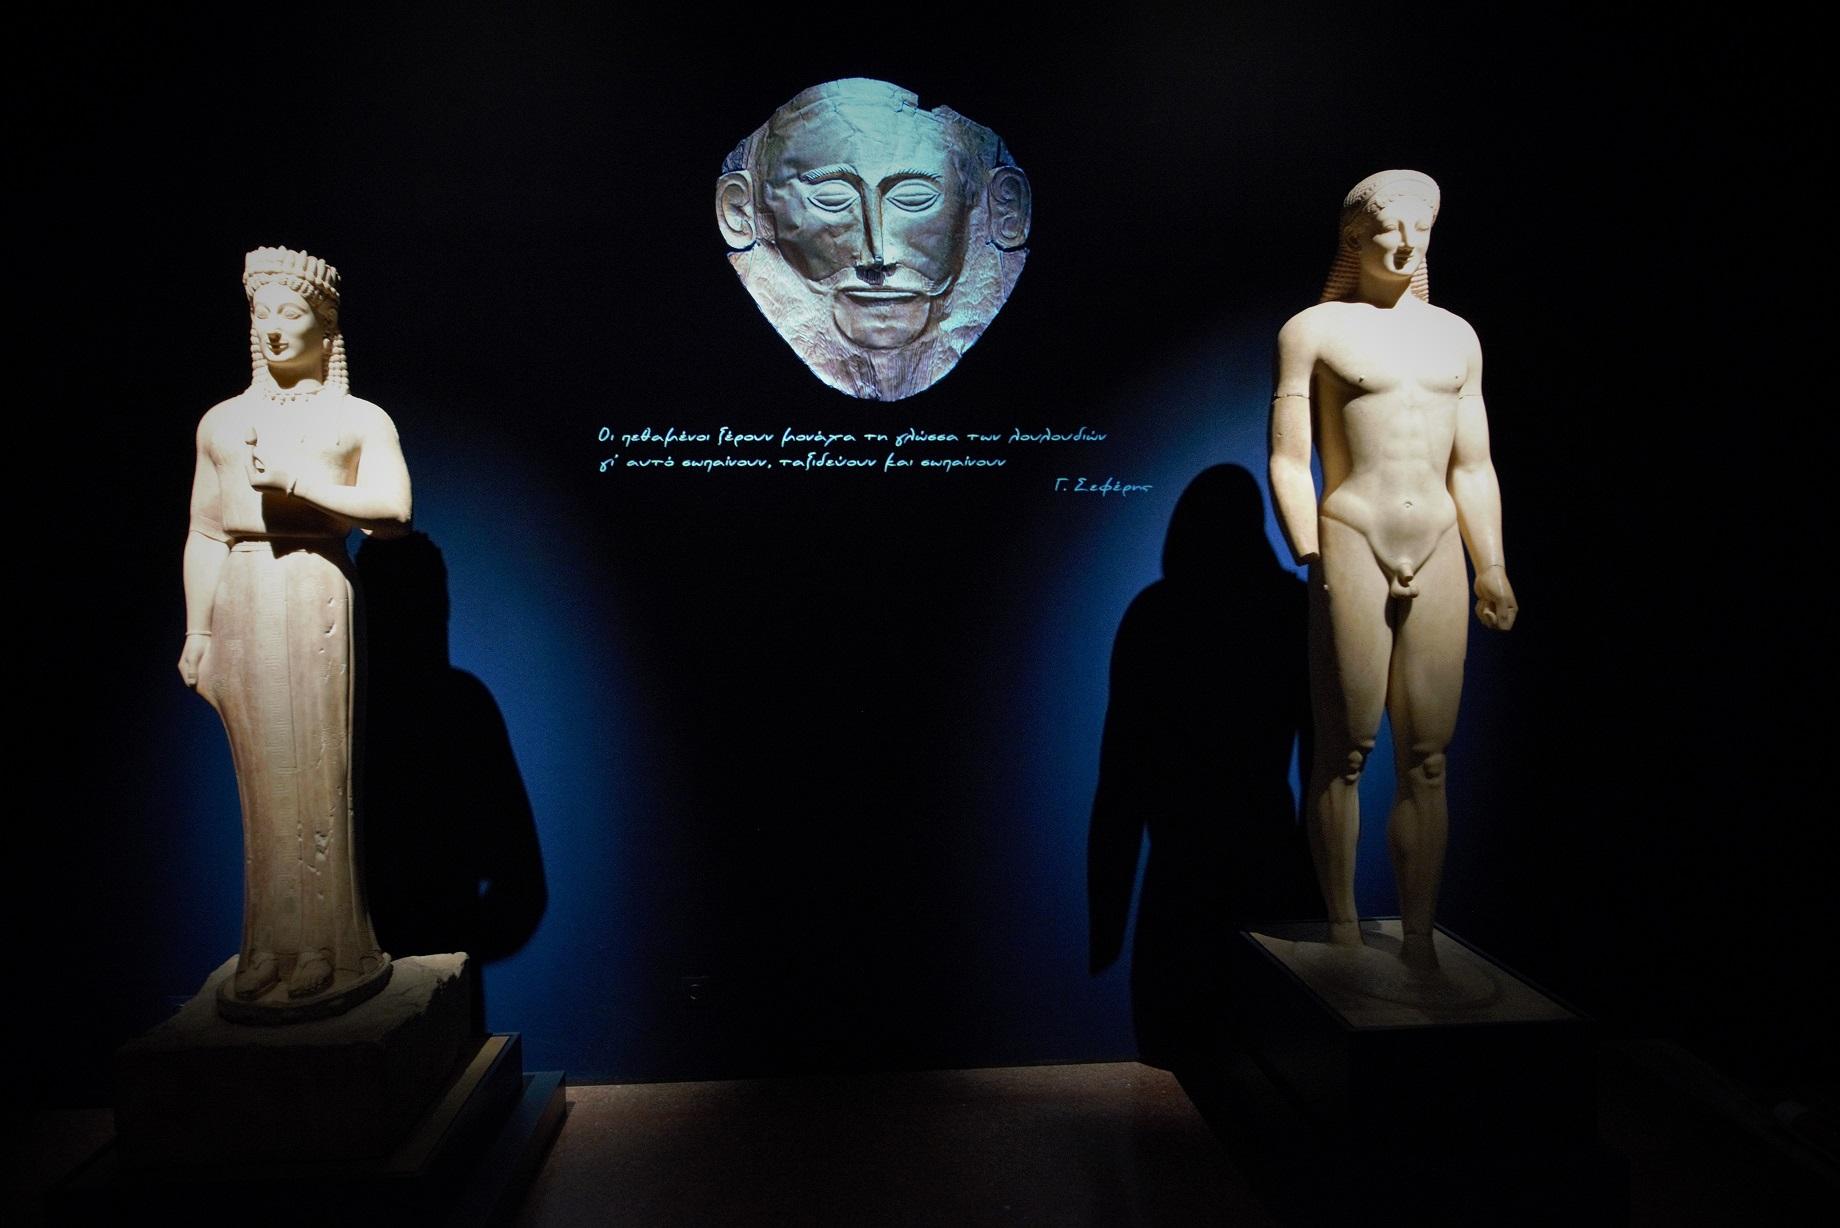 Θεματικός άξονας «Θάνατος», έκθεση «Οδύσσειες», Εθνικό Αρχαιολογικό Μουσείο